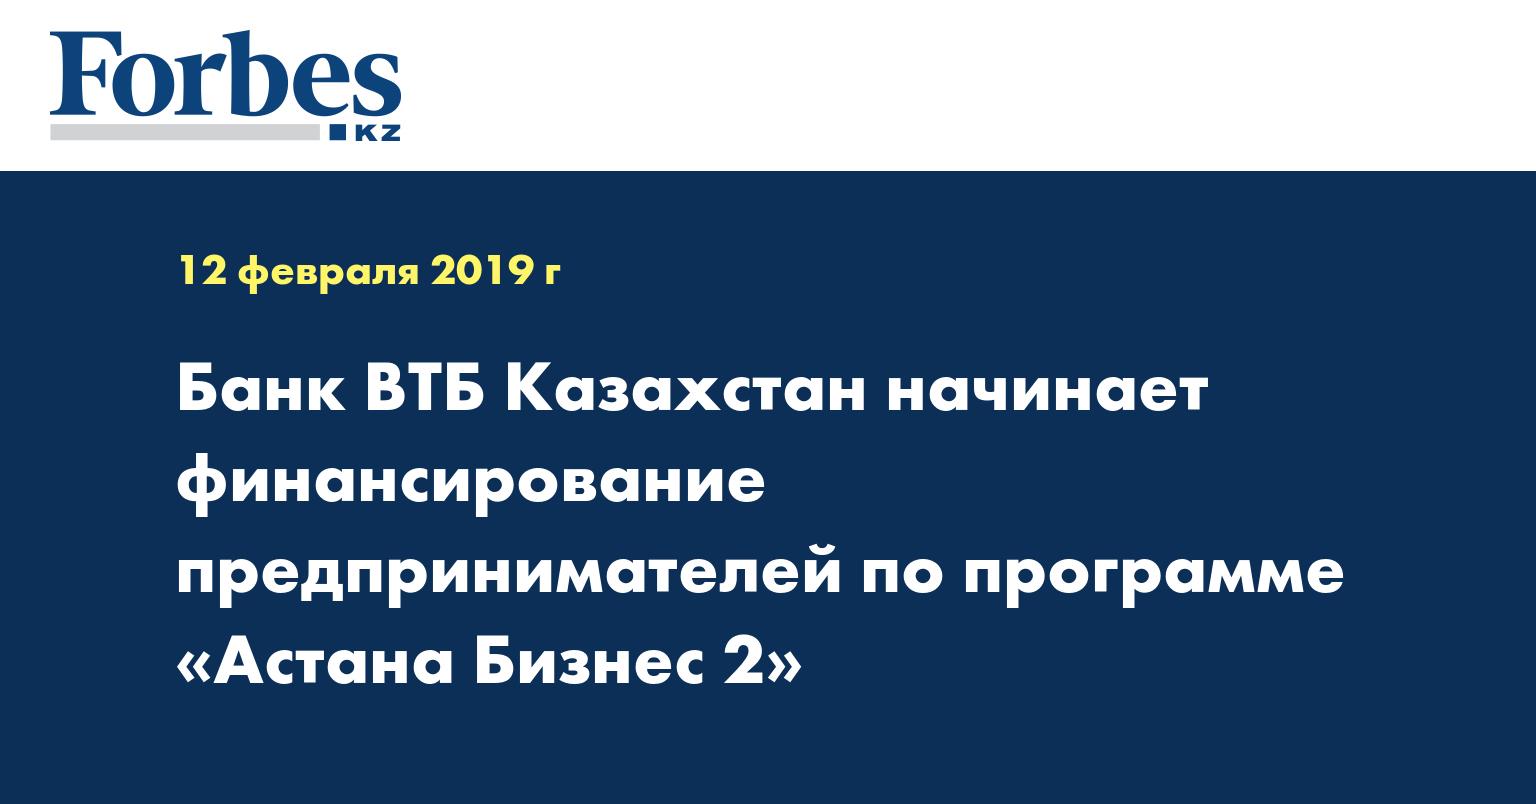 Банк ВТБ Казахстан начинает финансирование предпринимателей по программе «Астана Бизнес 2»